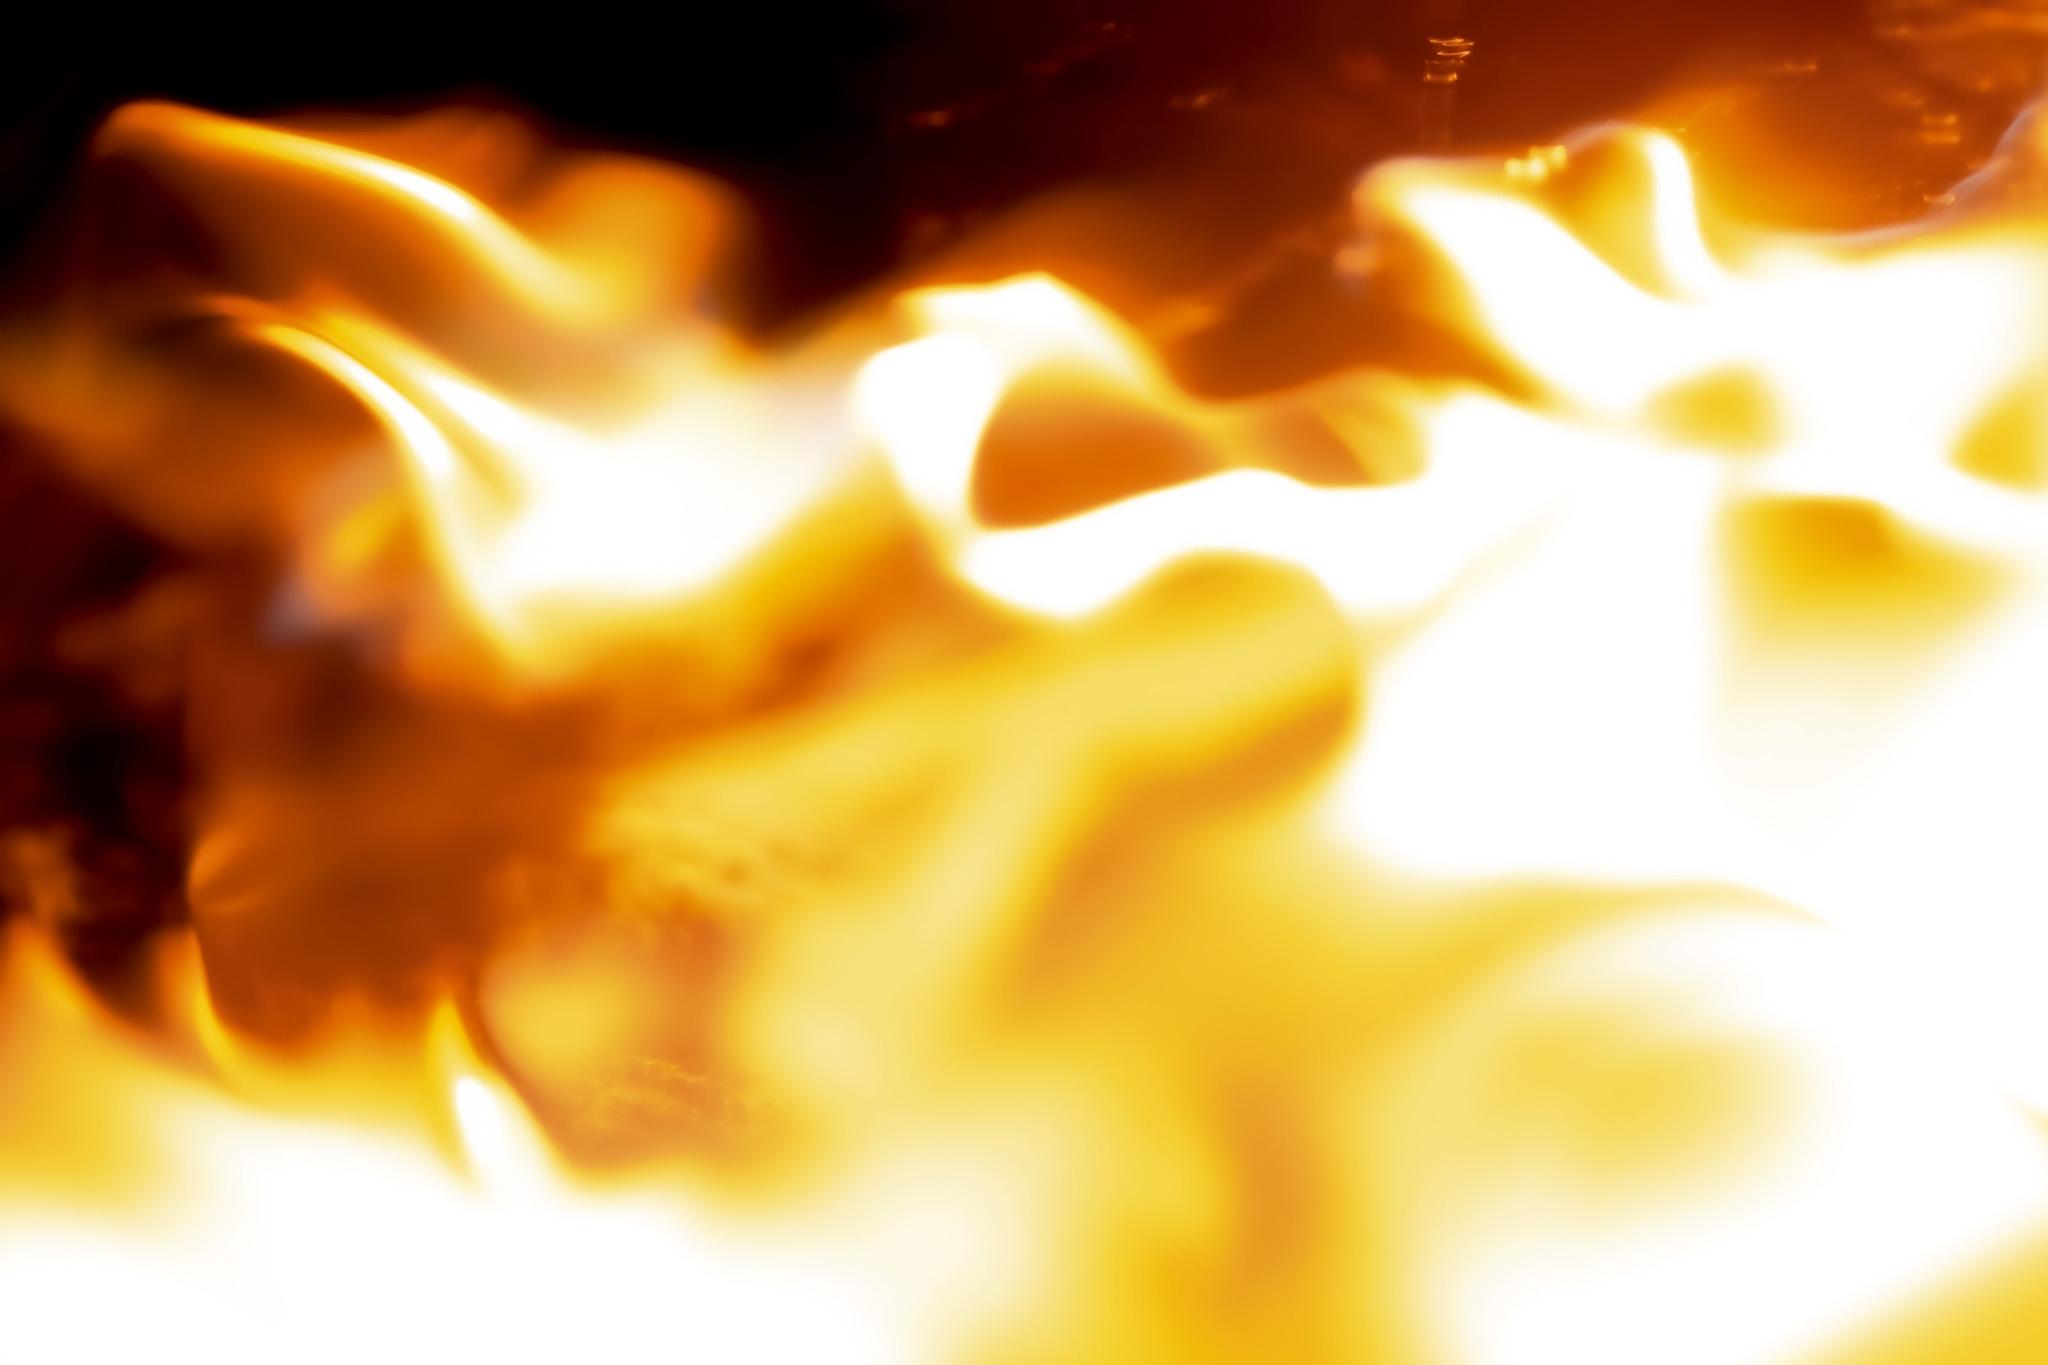 「闇に這うように迫る火炎」